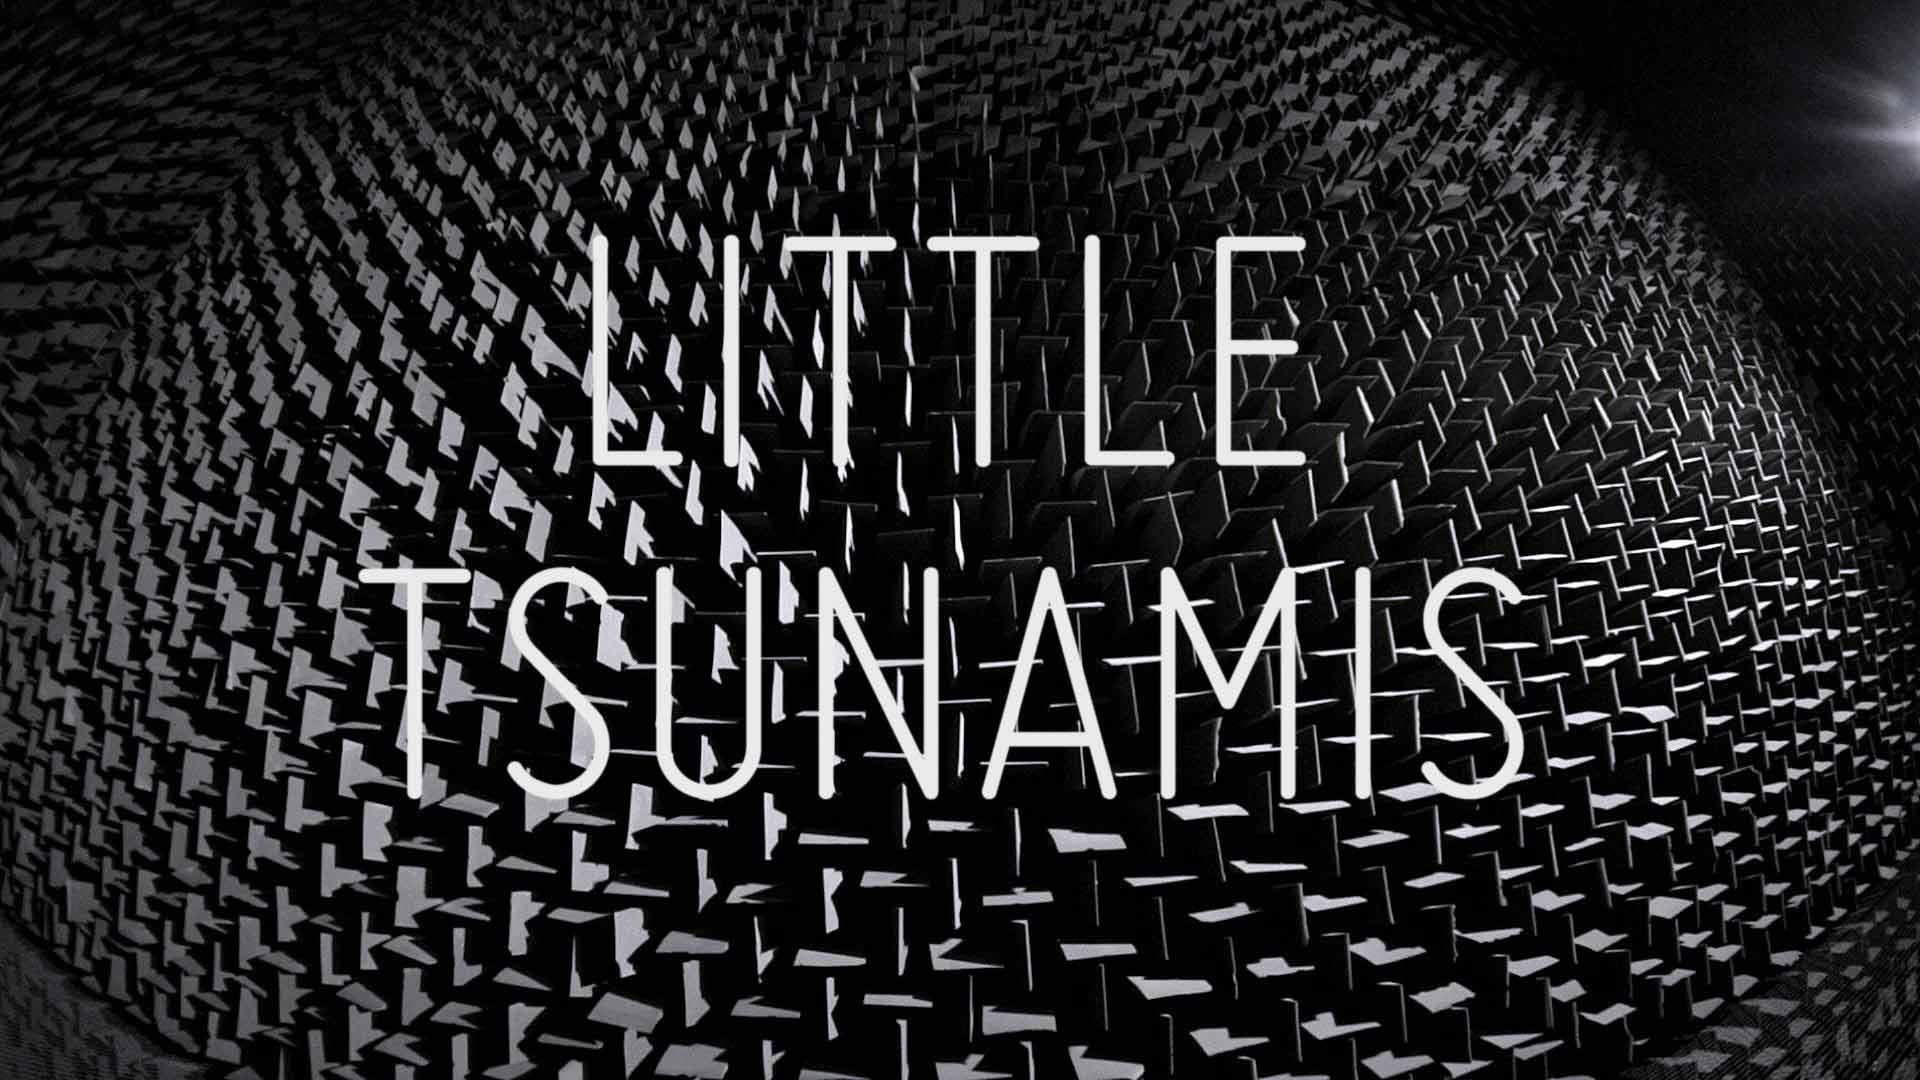 LITTLE-TSUNAMIS-titlecomp1